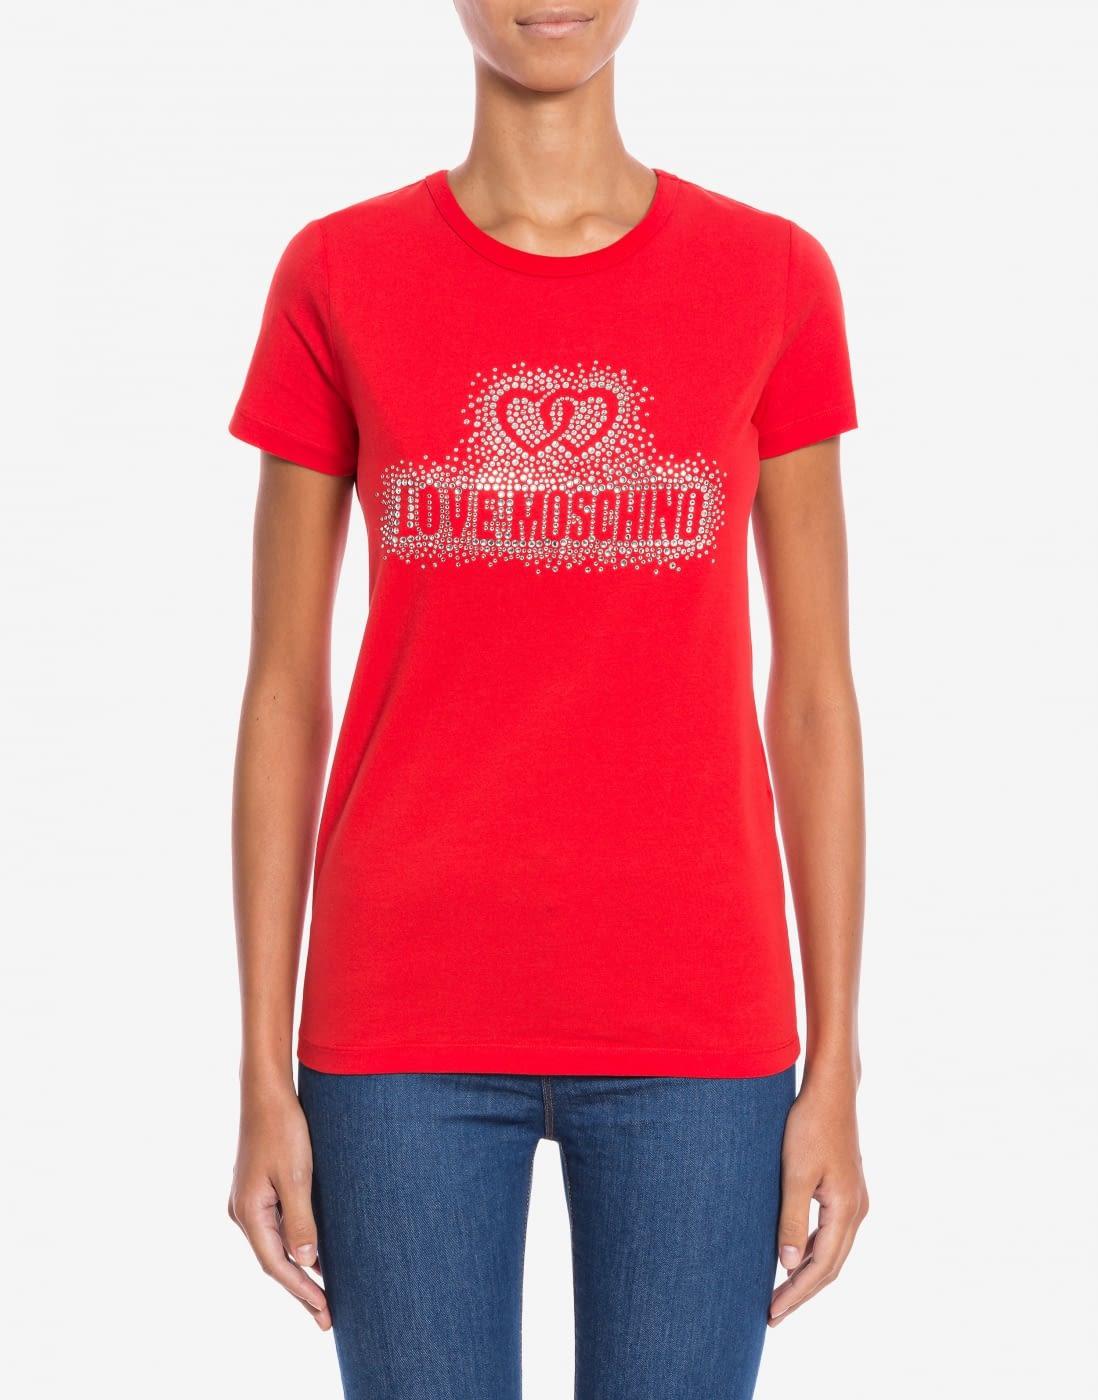 LOVE MOSCHINO camiseta roja strass